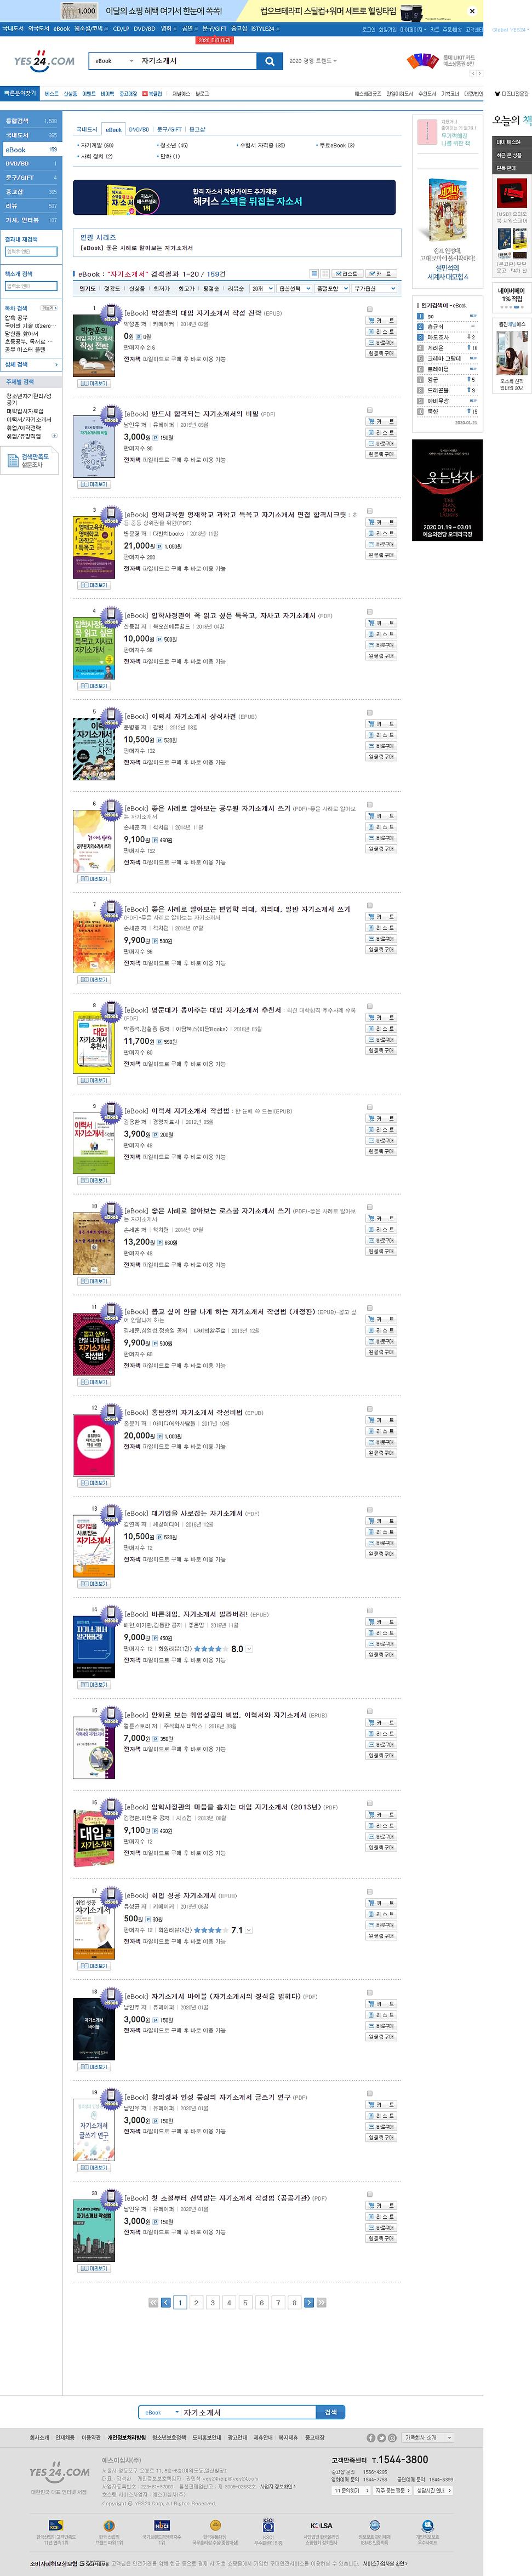 베스트셀러. 10권, YES24 1위. 자기소개서, 인물백과사전, 南仁祐